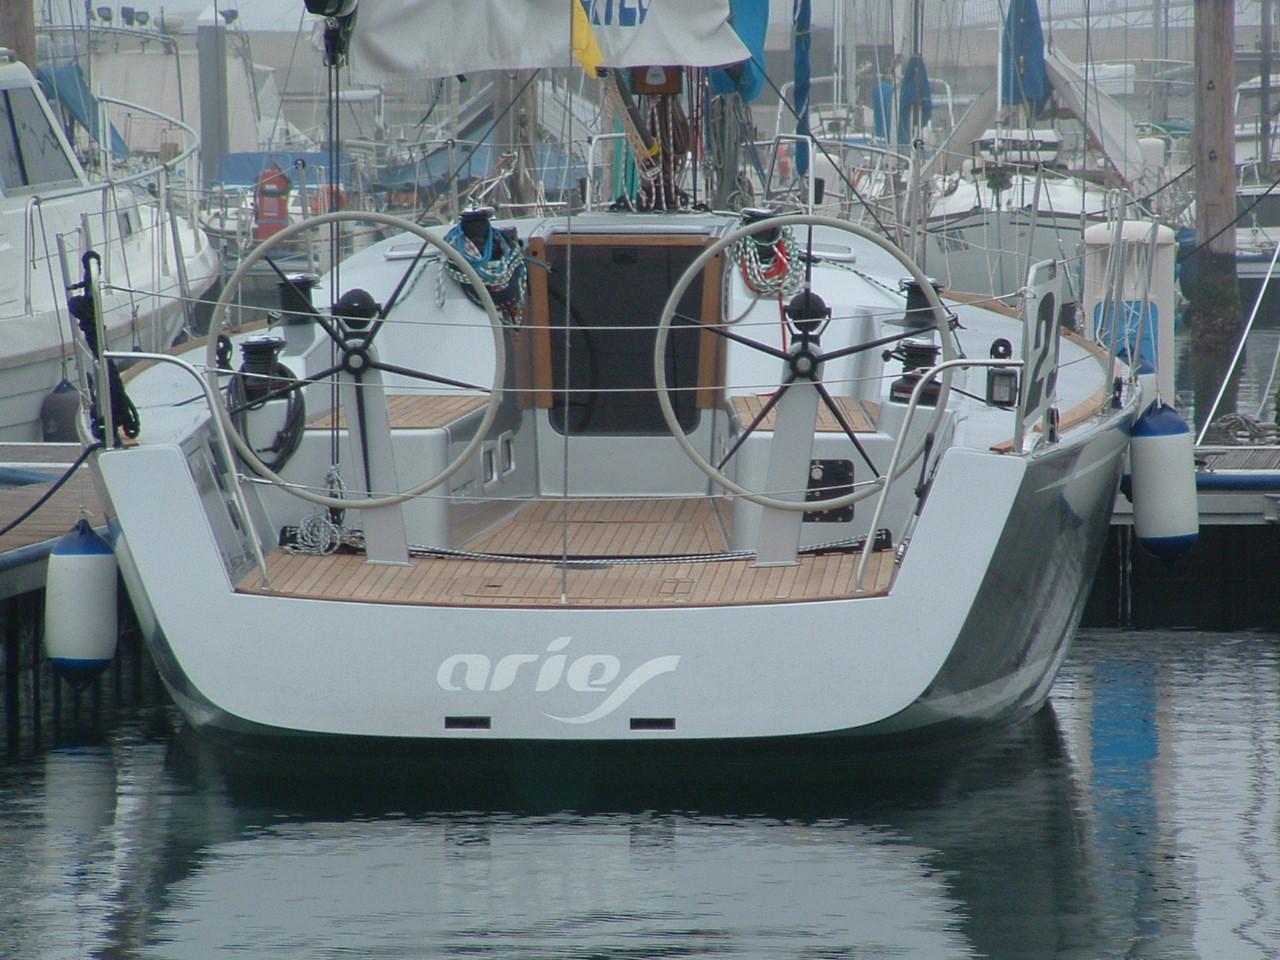 Sly yacht - Sly 42 - poppa